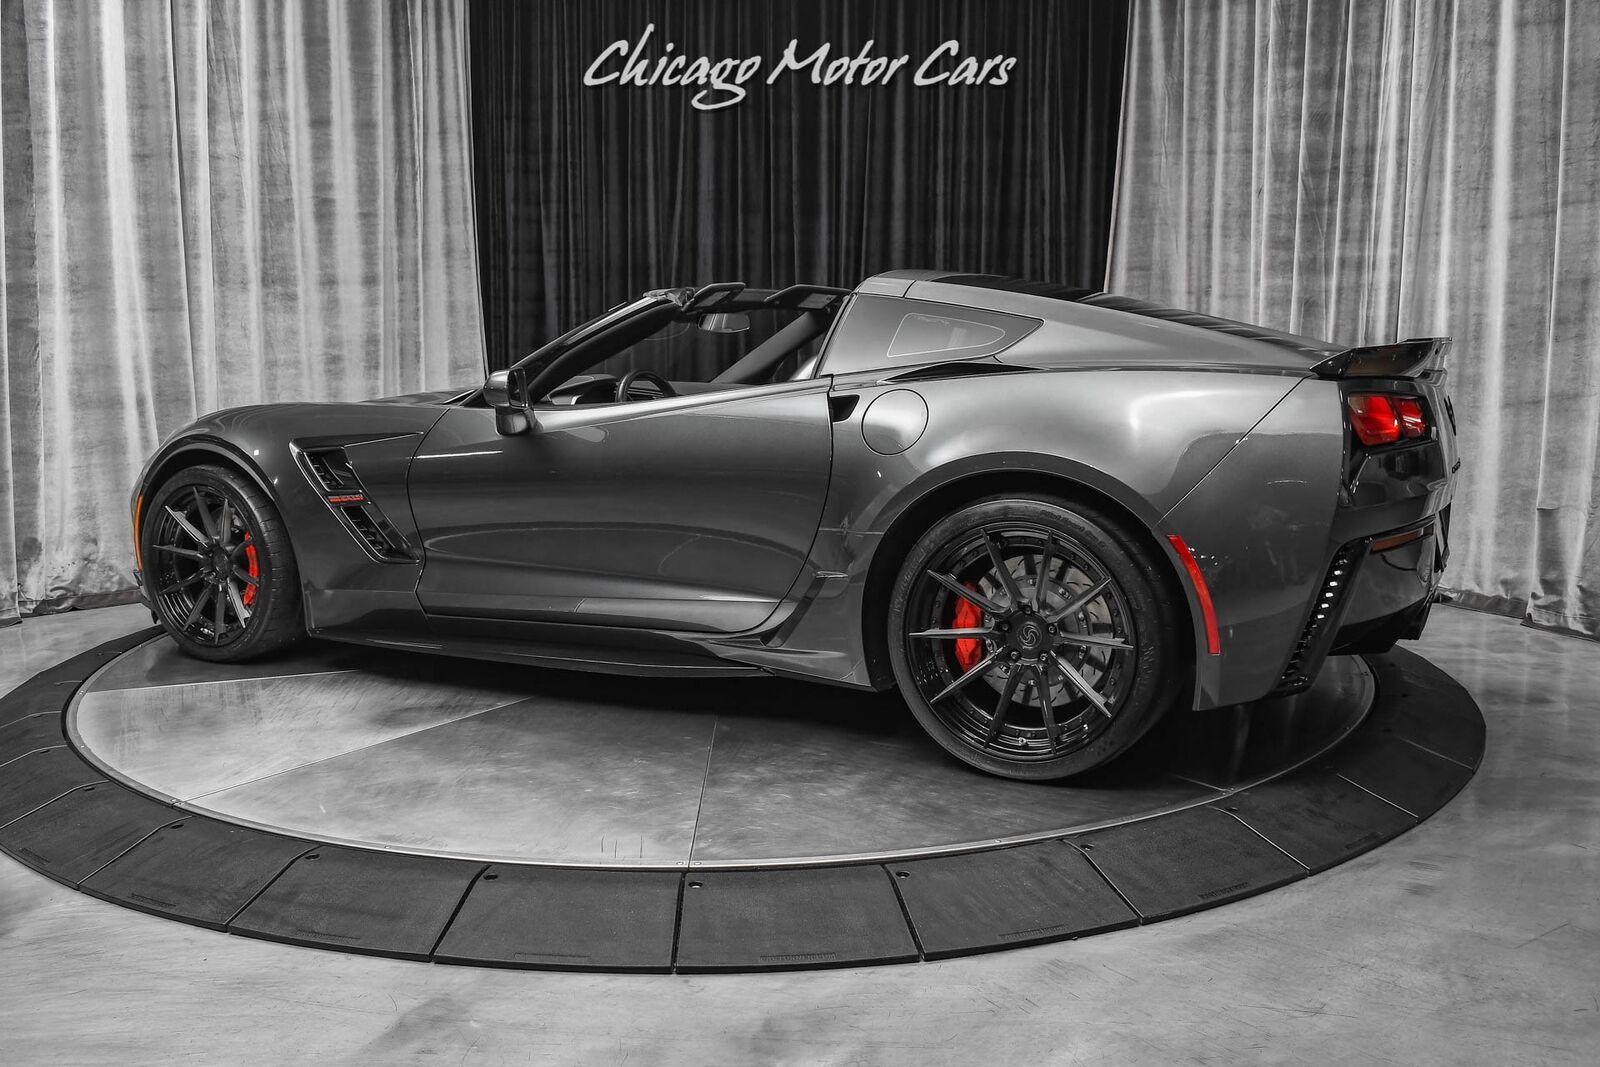 2017 Gray Chevrolet Corvette Grand Sport 2LT   C7 Corvette Photo 3